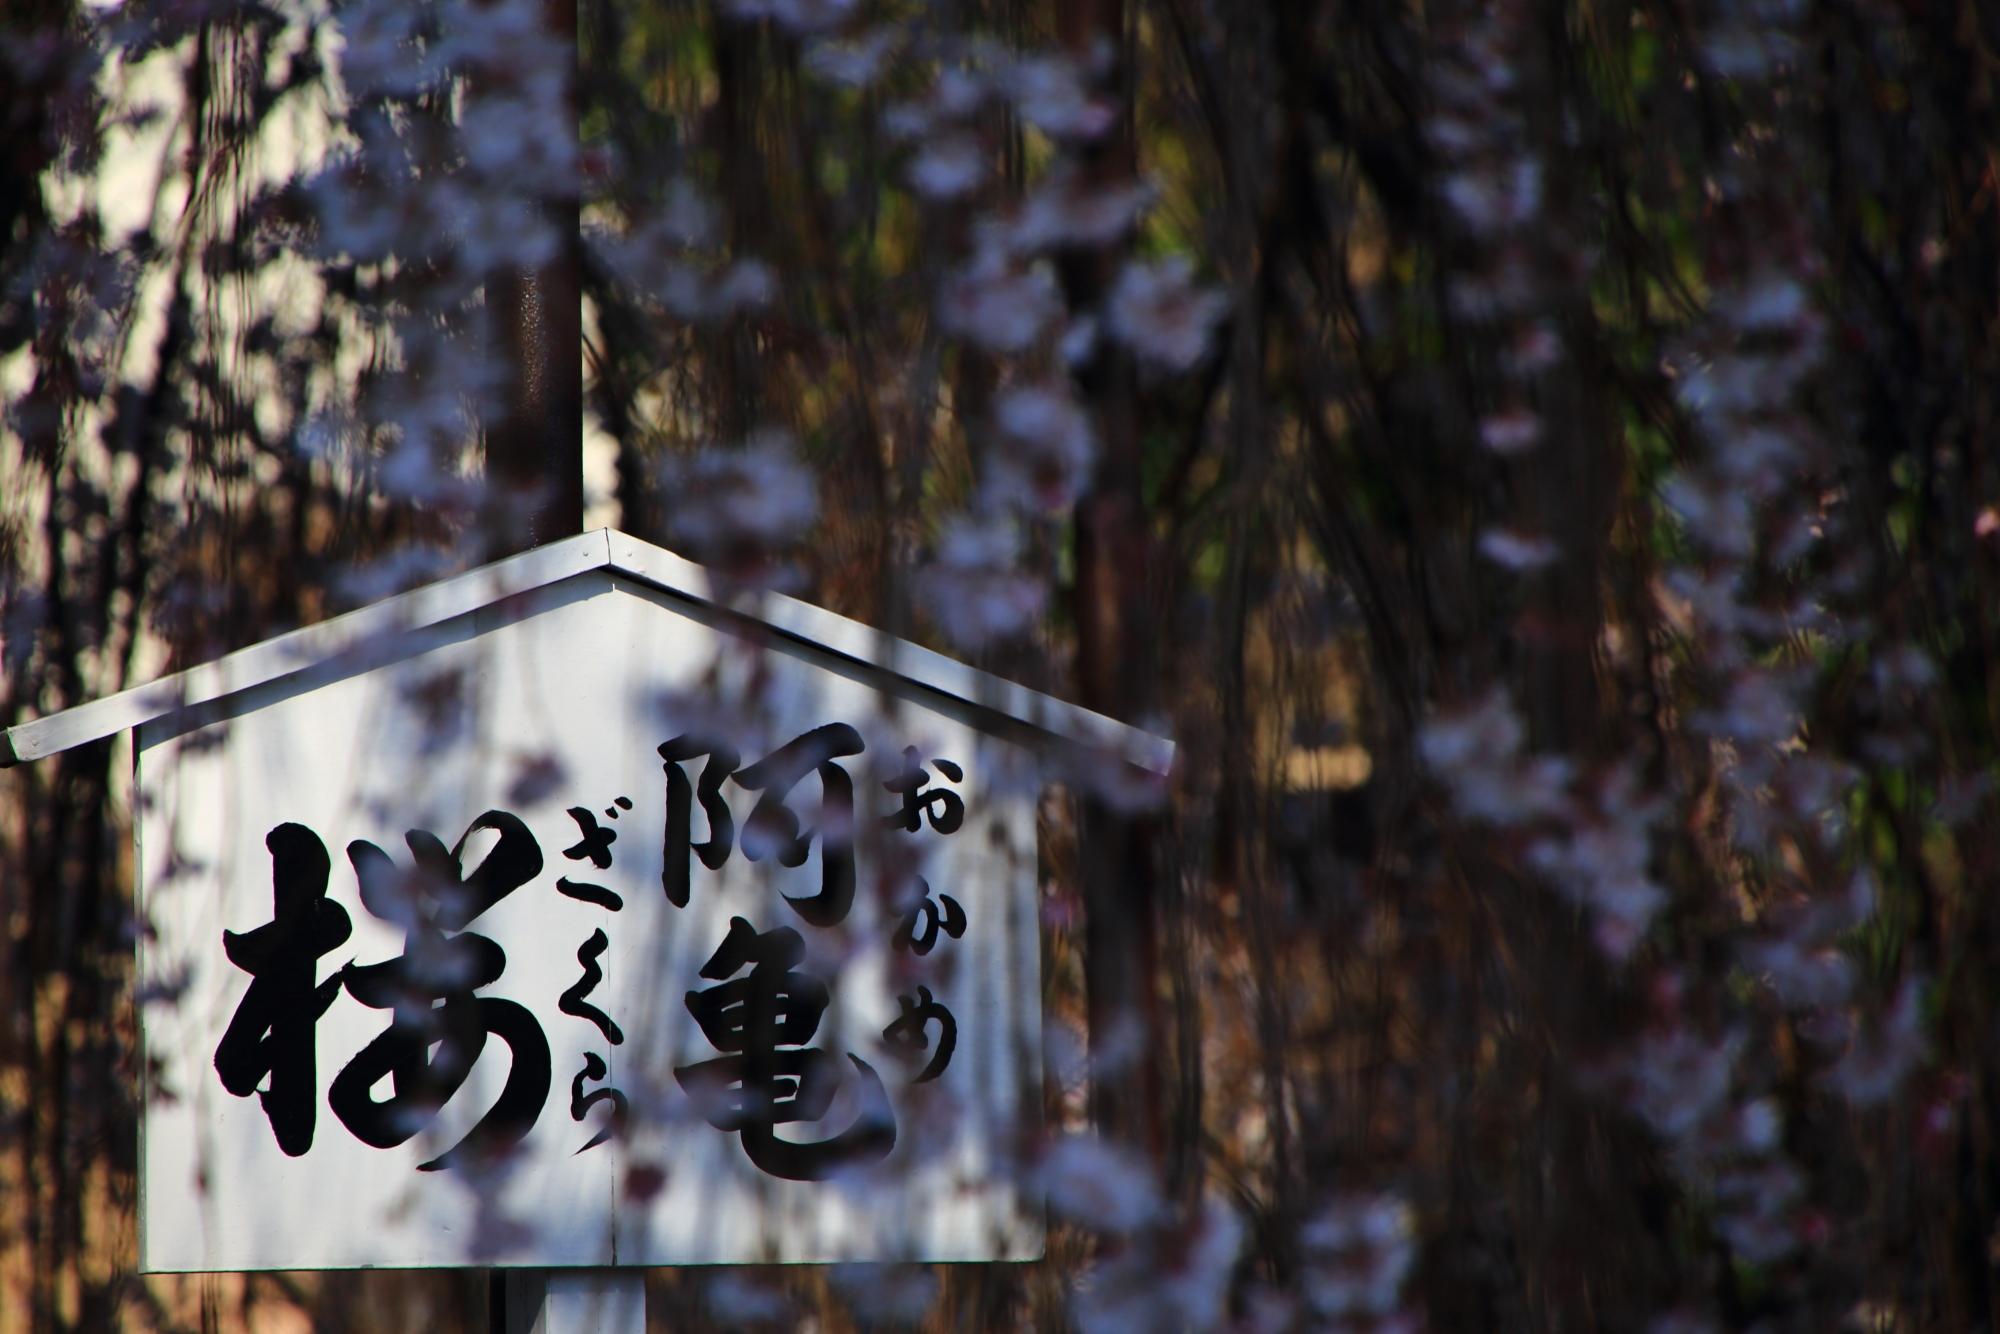 阿亀桜の立て札に降り注ぐ桜